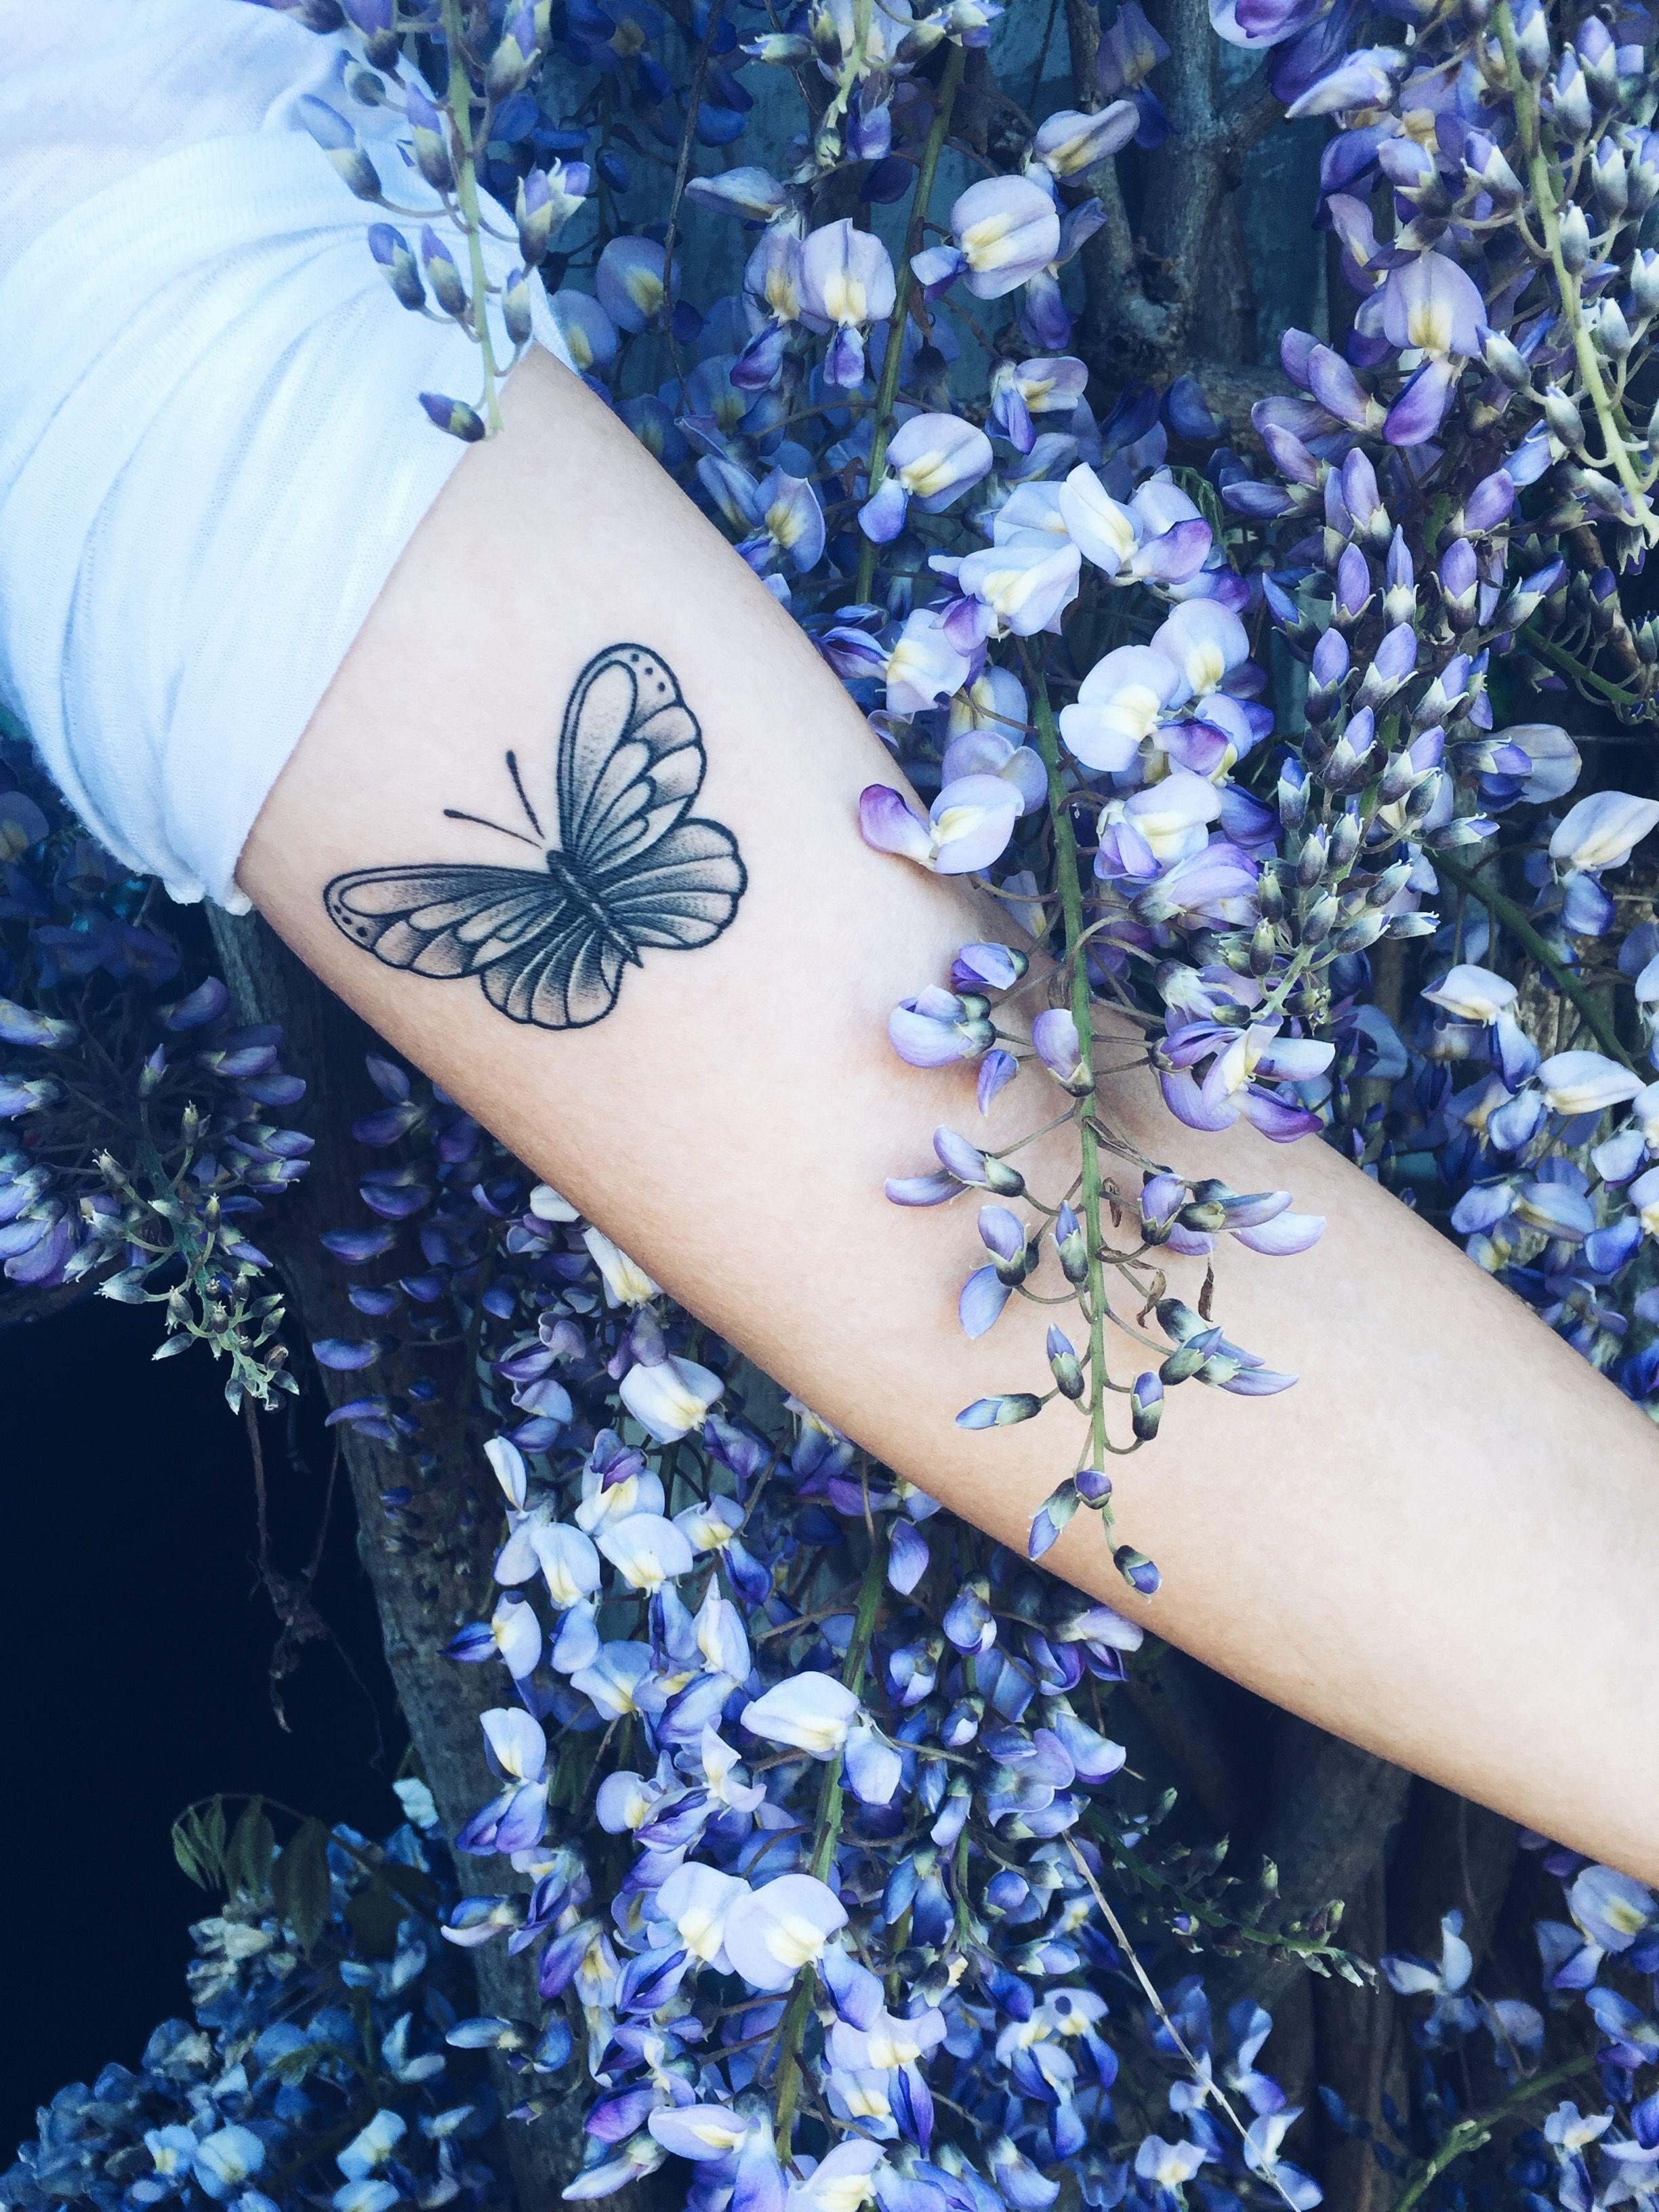 Pin by maqui molina on tattoos pinterest iris butterfly and tattoo tattoo moon wrist tattoo tattoo ink tatoo butterfly tattoos flower tattoos tattoo quotes woman tattoos pretty tattoos izmirmasajfo Images